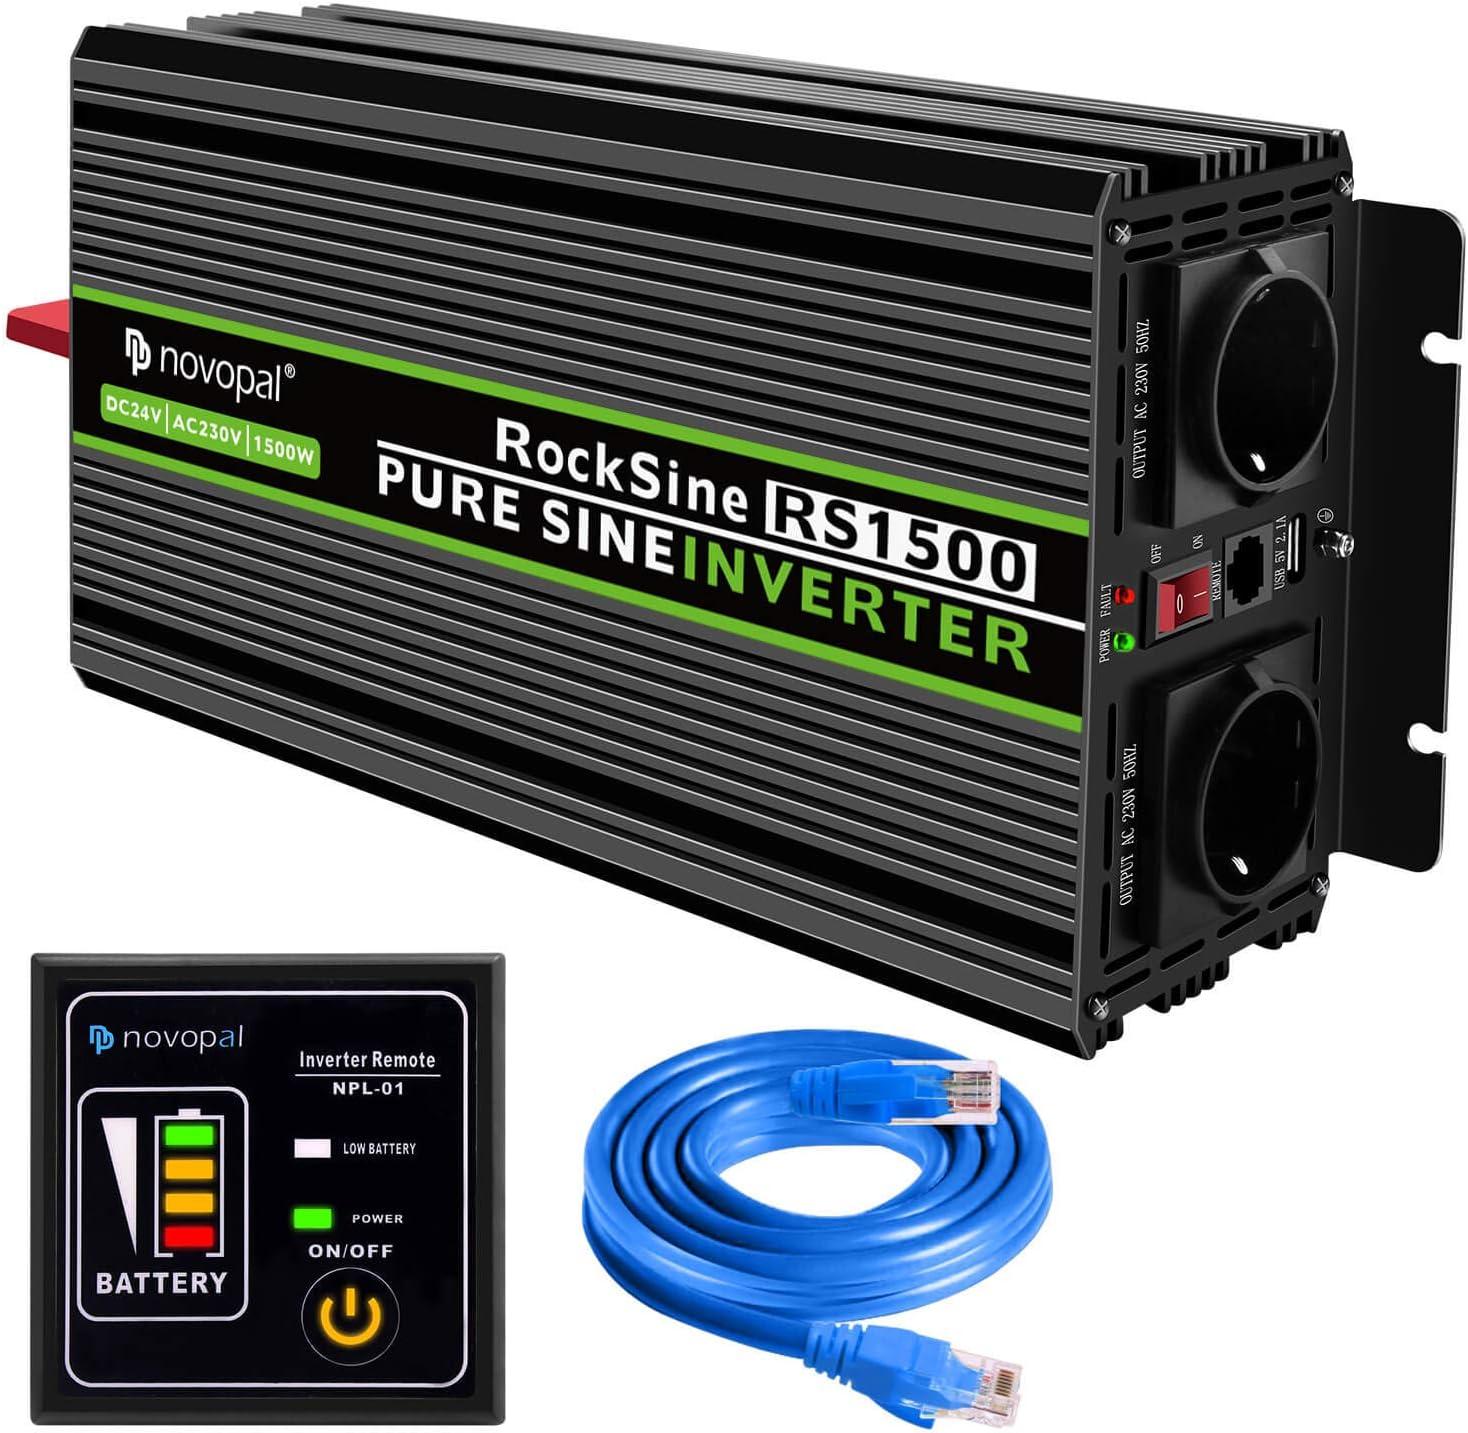 1500W convertidor de Voltaje de Onda sinusoidal Pura de Coche-convertidor de Coche 24v a 230v convertidor - convertidor de inversor con 2 enchufes EU y Puerto USB-Incl. Mando a Distancia de 5 Metros